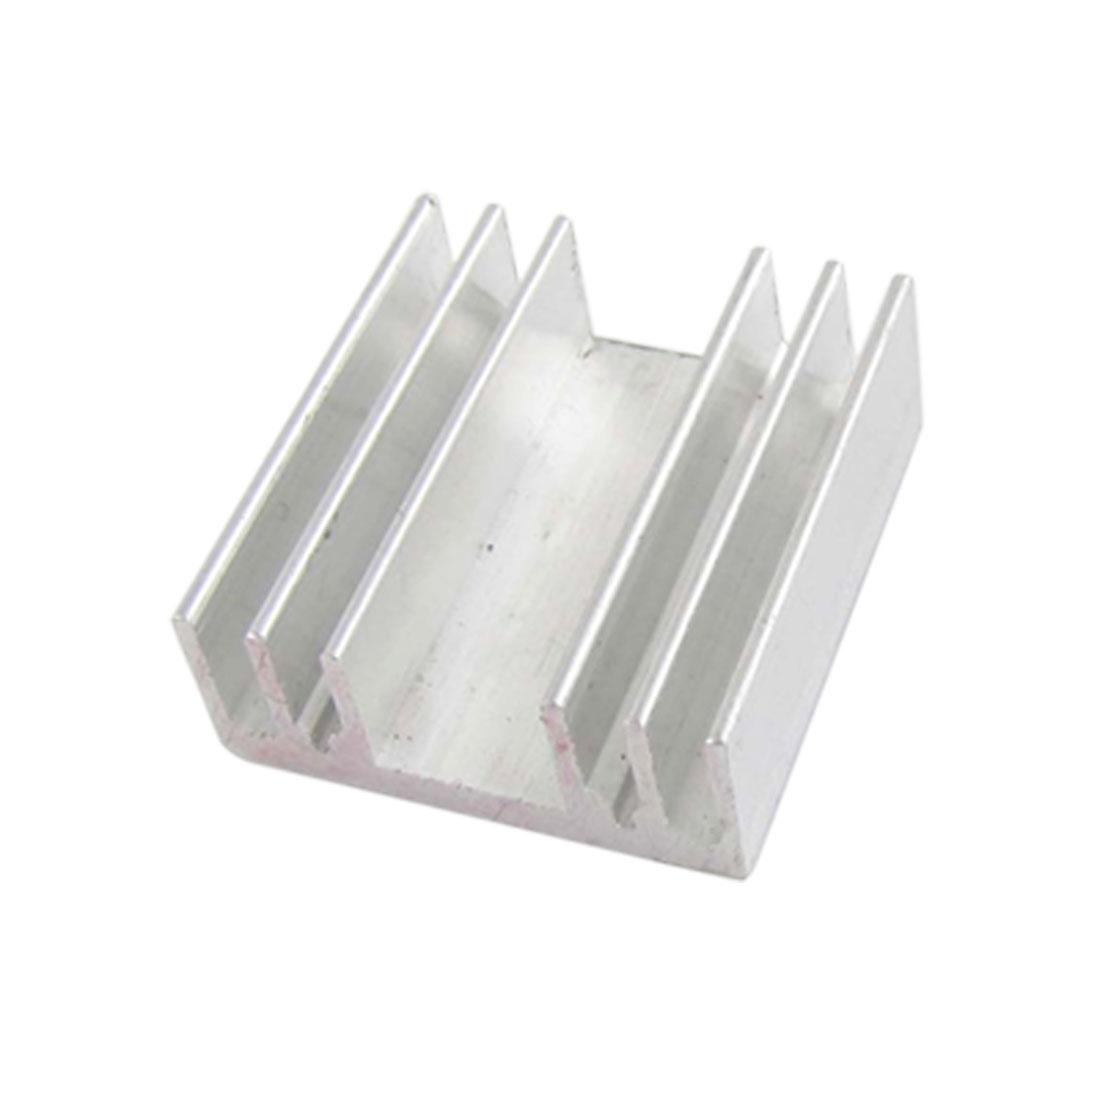 Aluminium 31 x 29 x 12mm Heatsink Cooling Cooler Fin